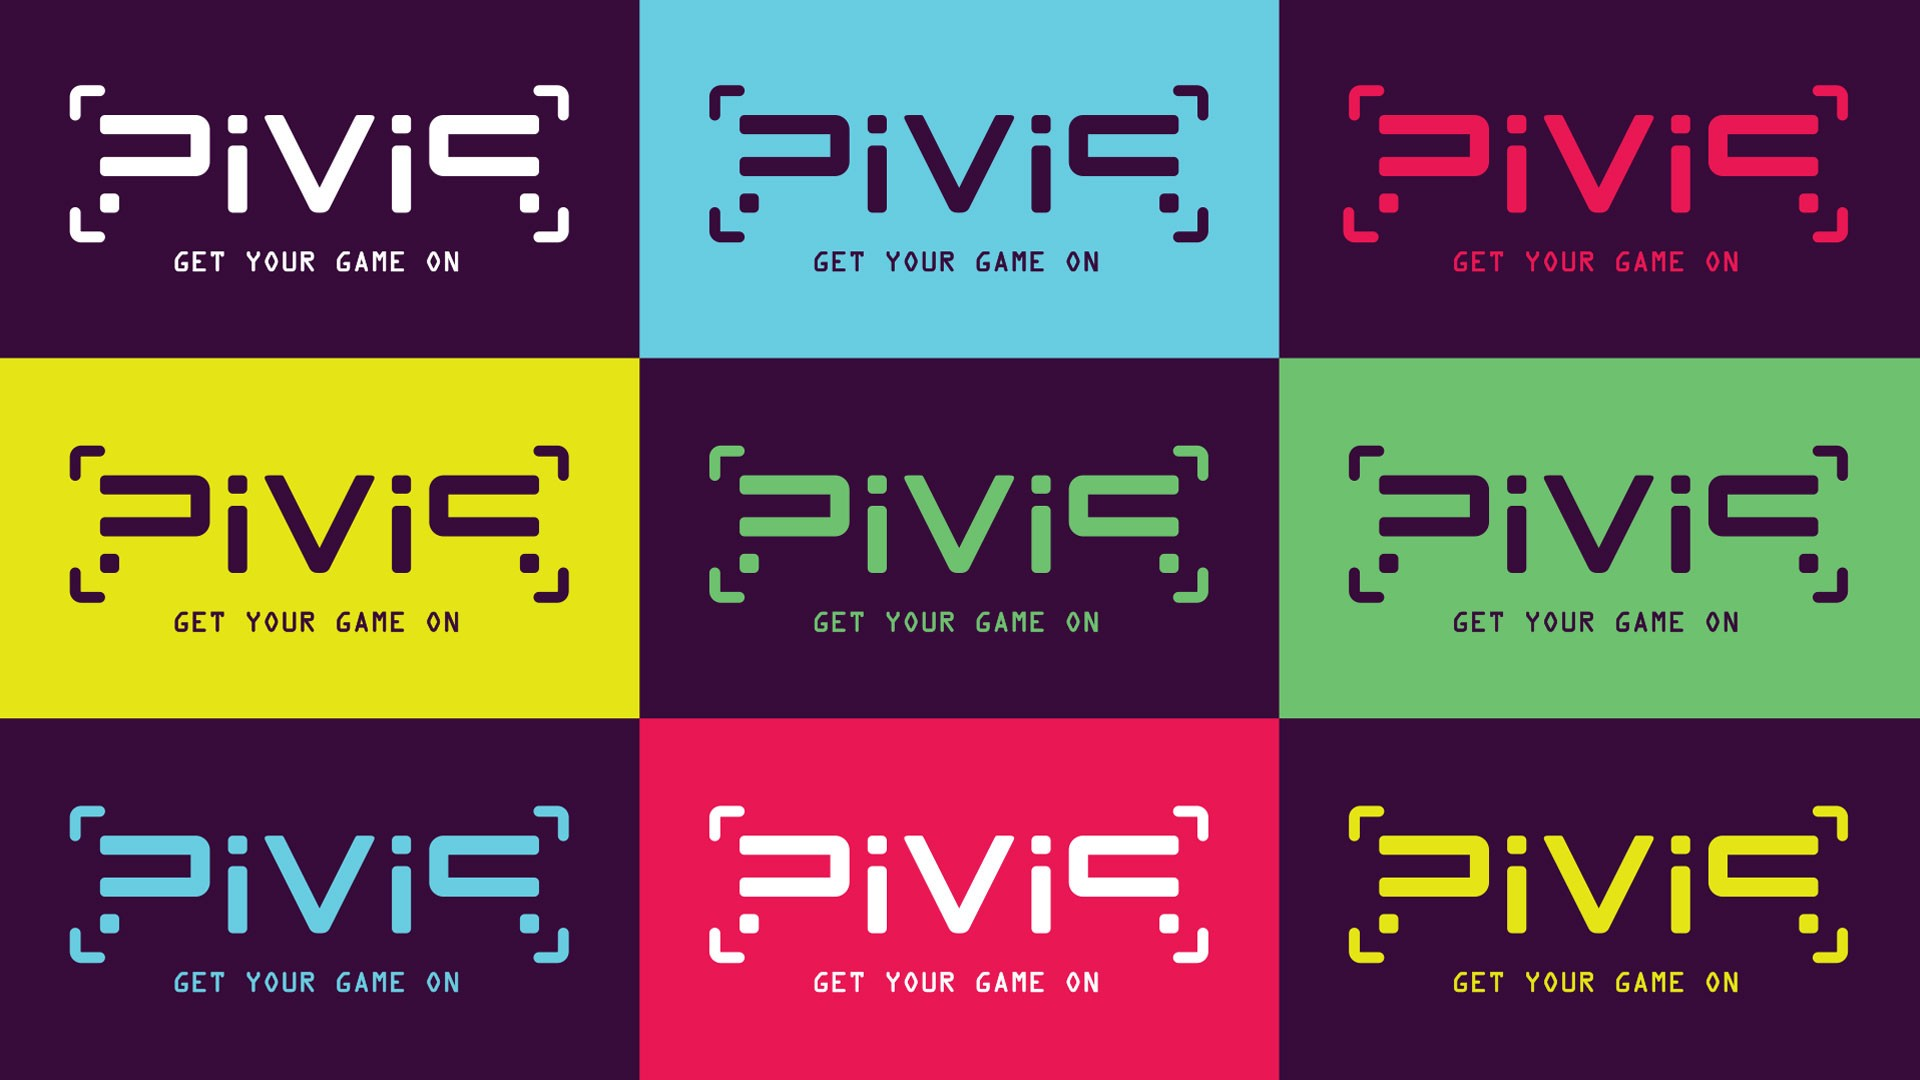 Pivip-02